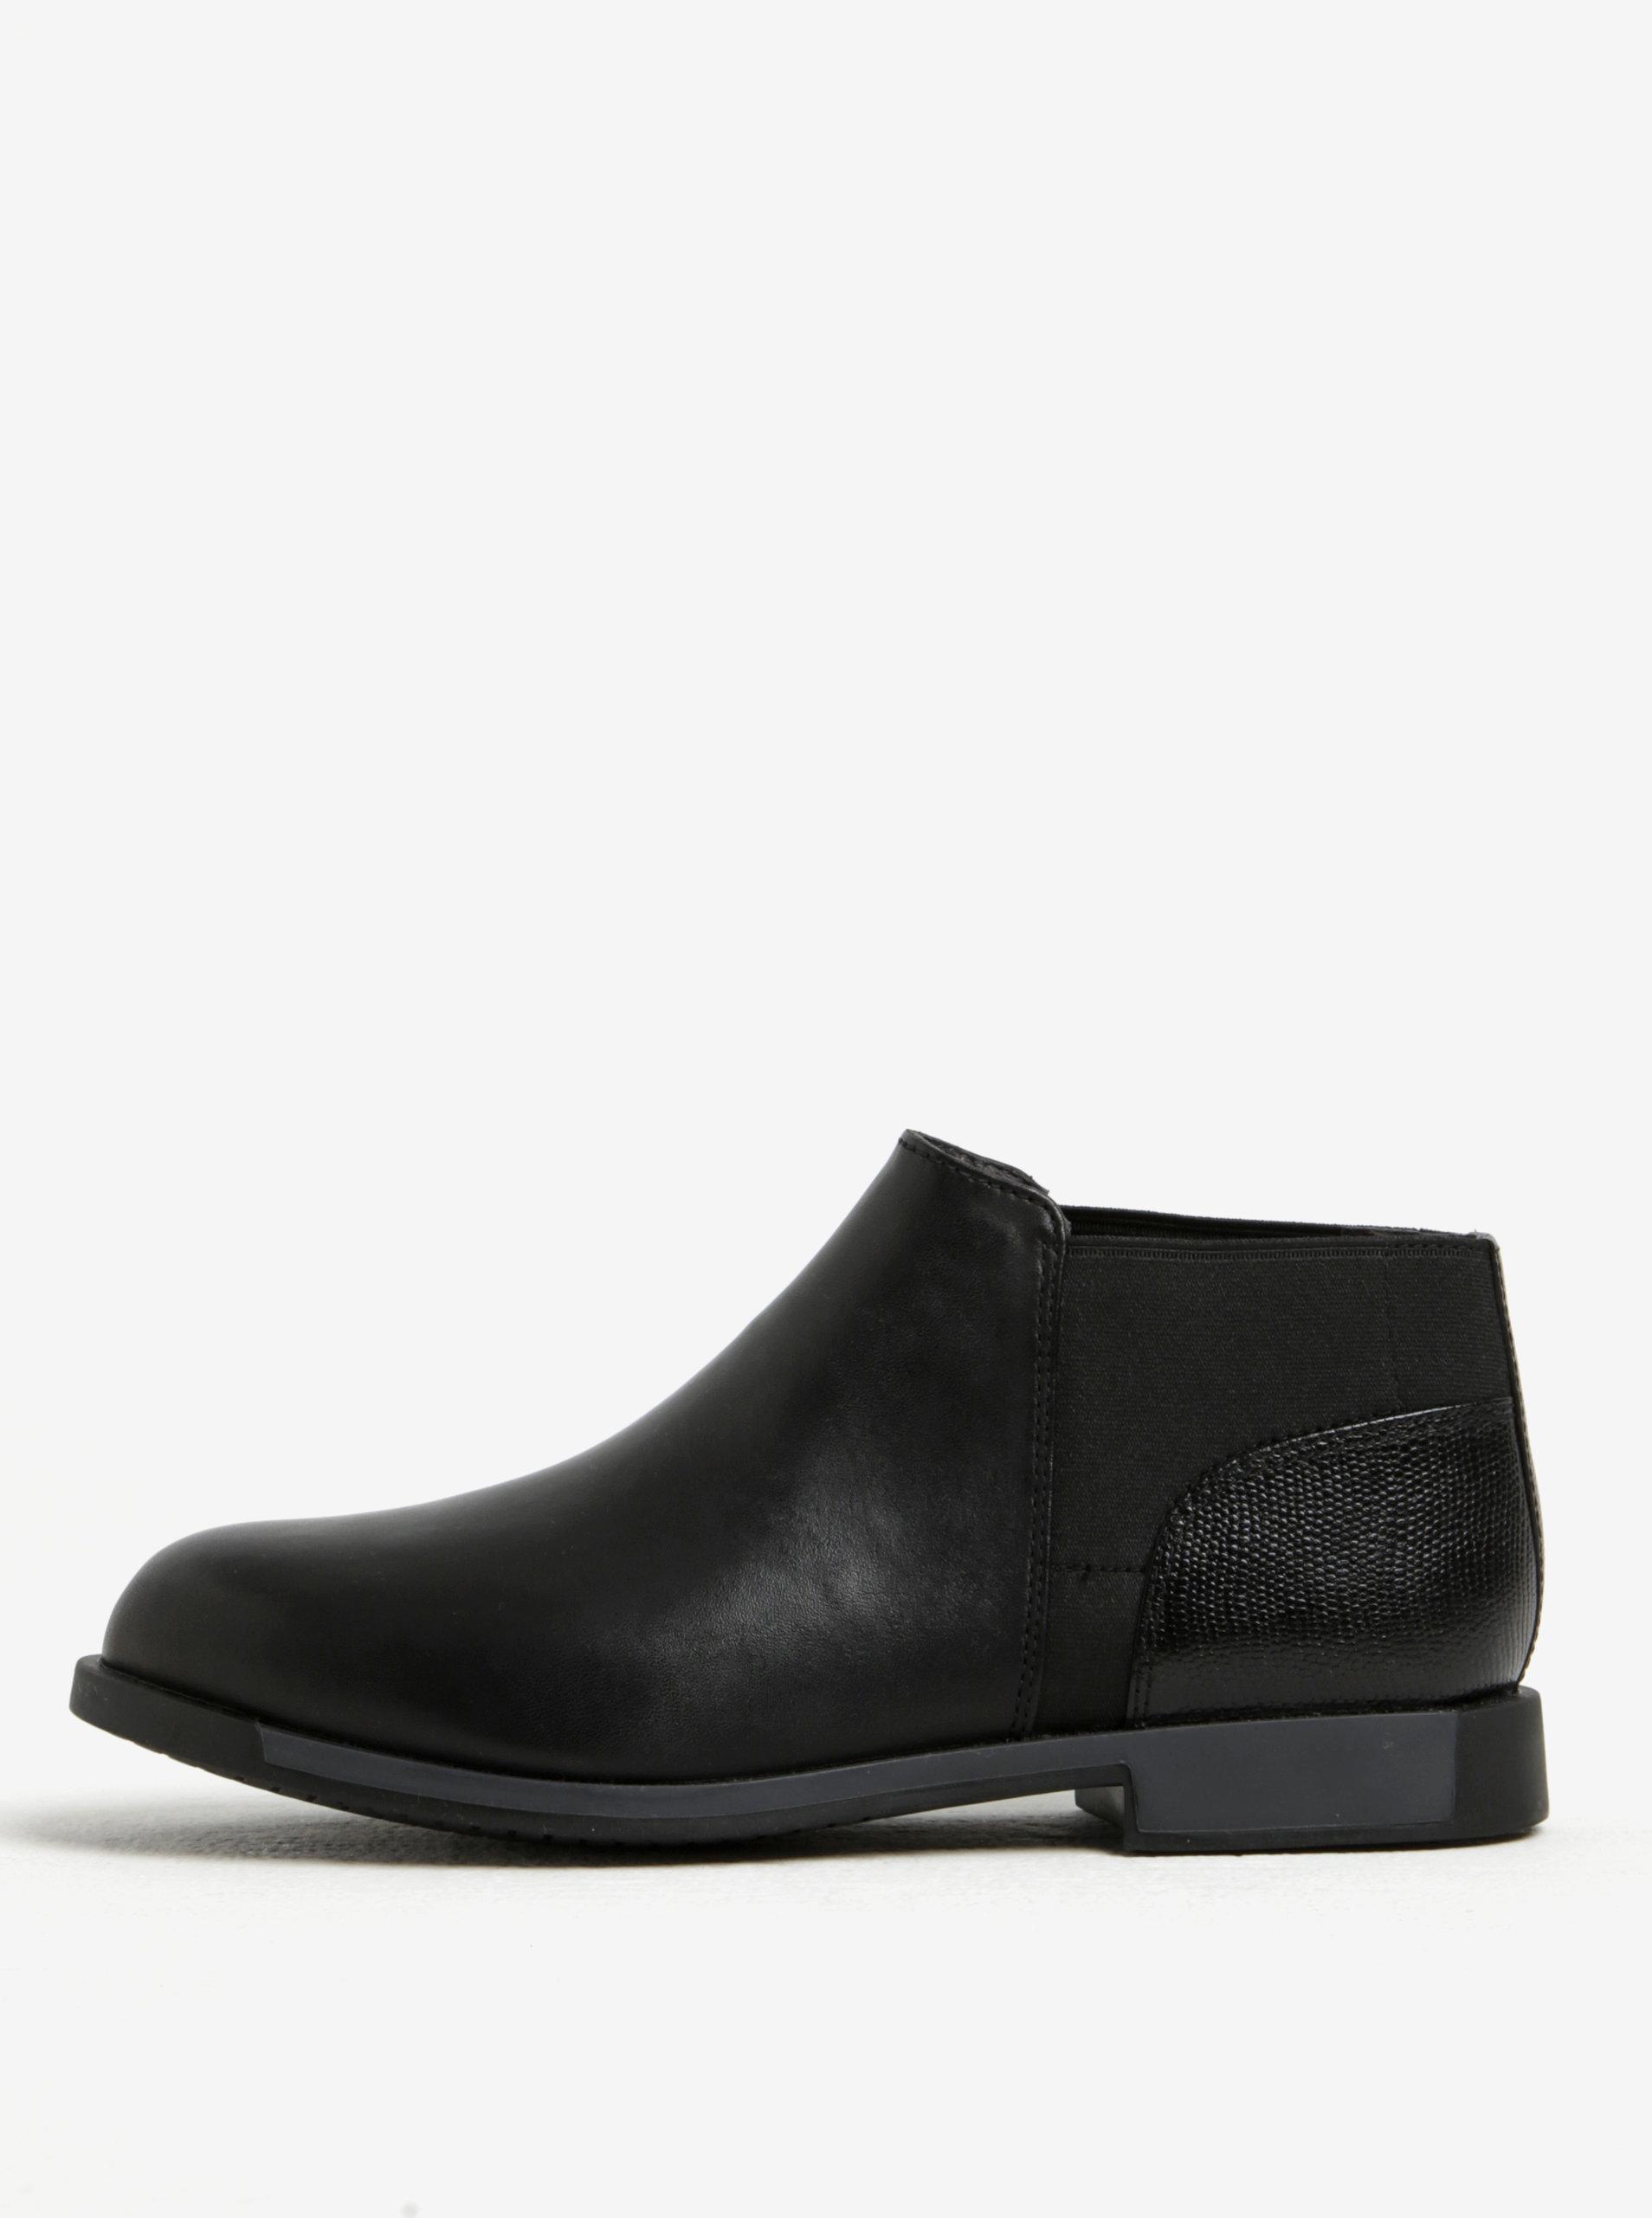 9f428b03fa Čierne dámske kožené nízke chelsea topánky Camper ...